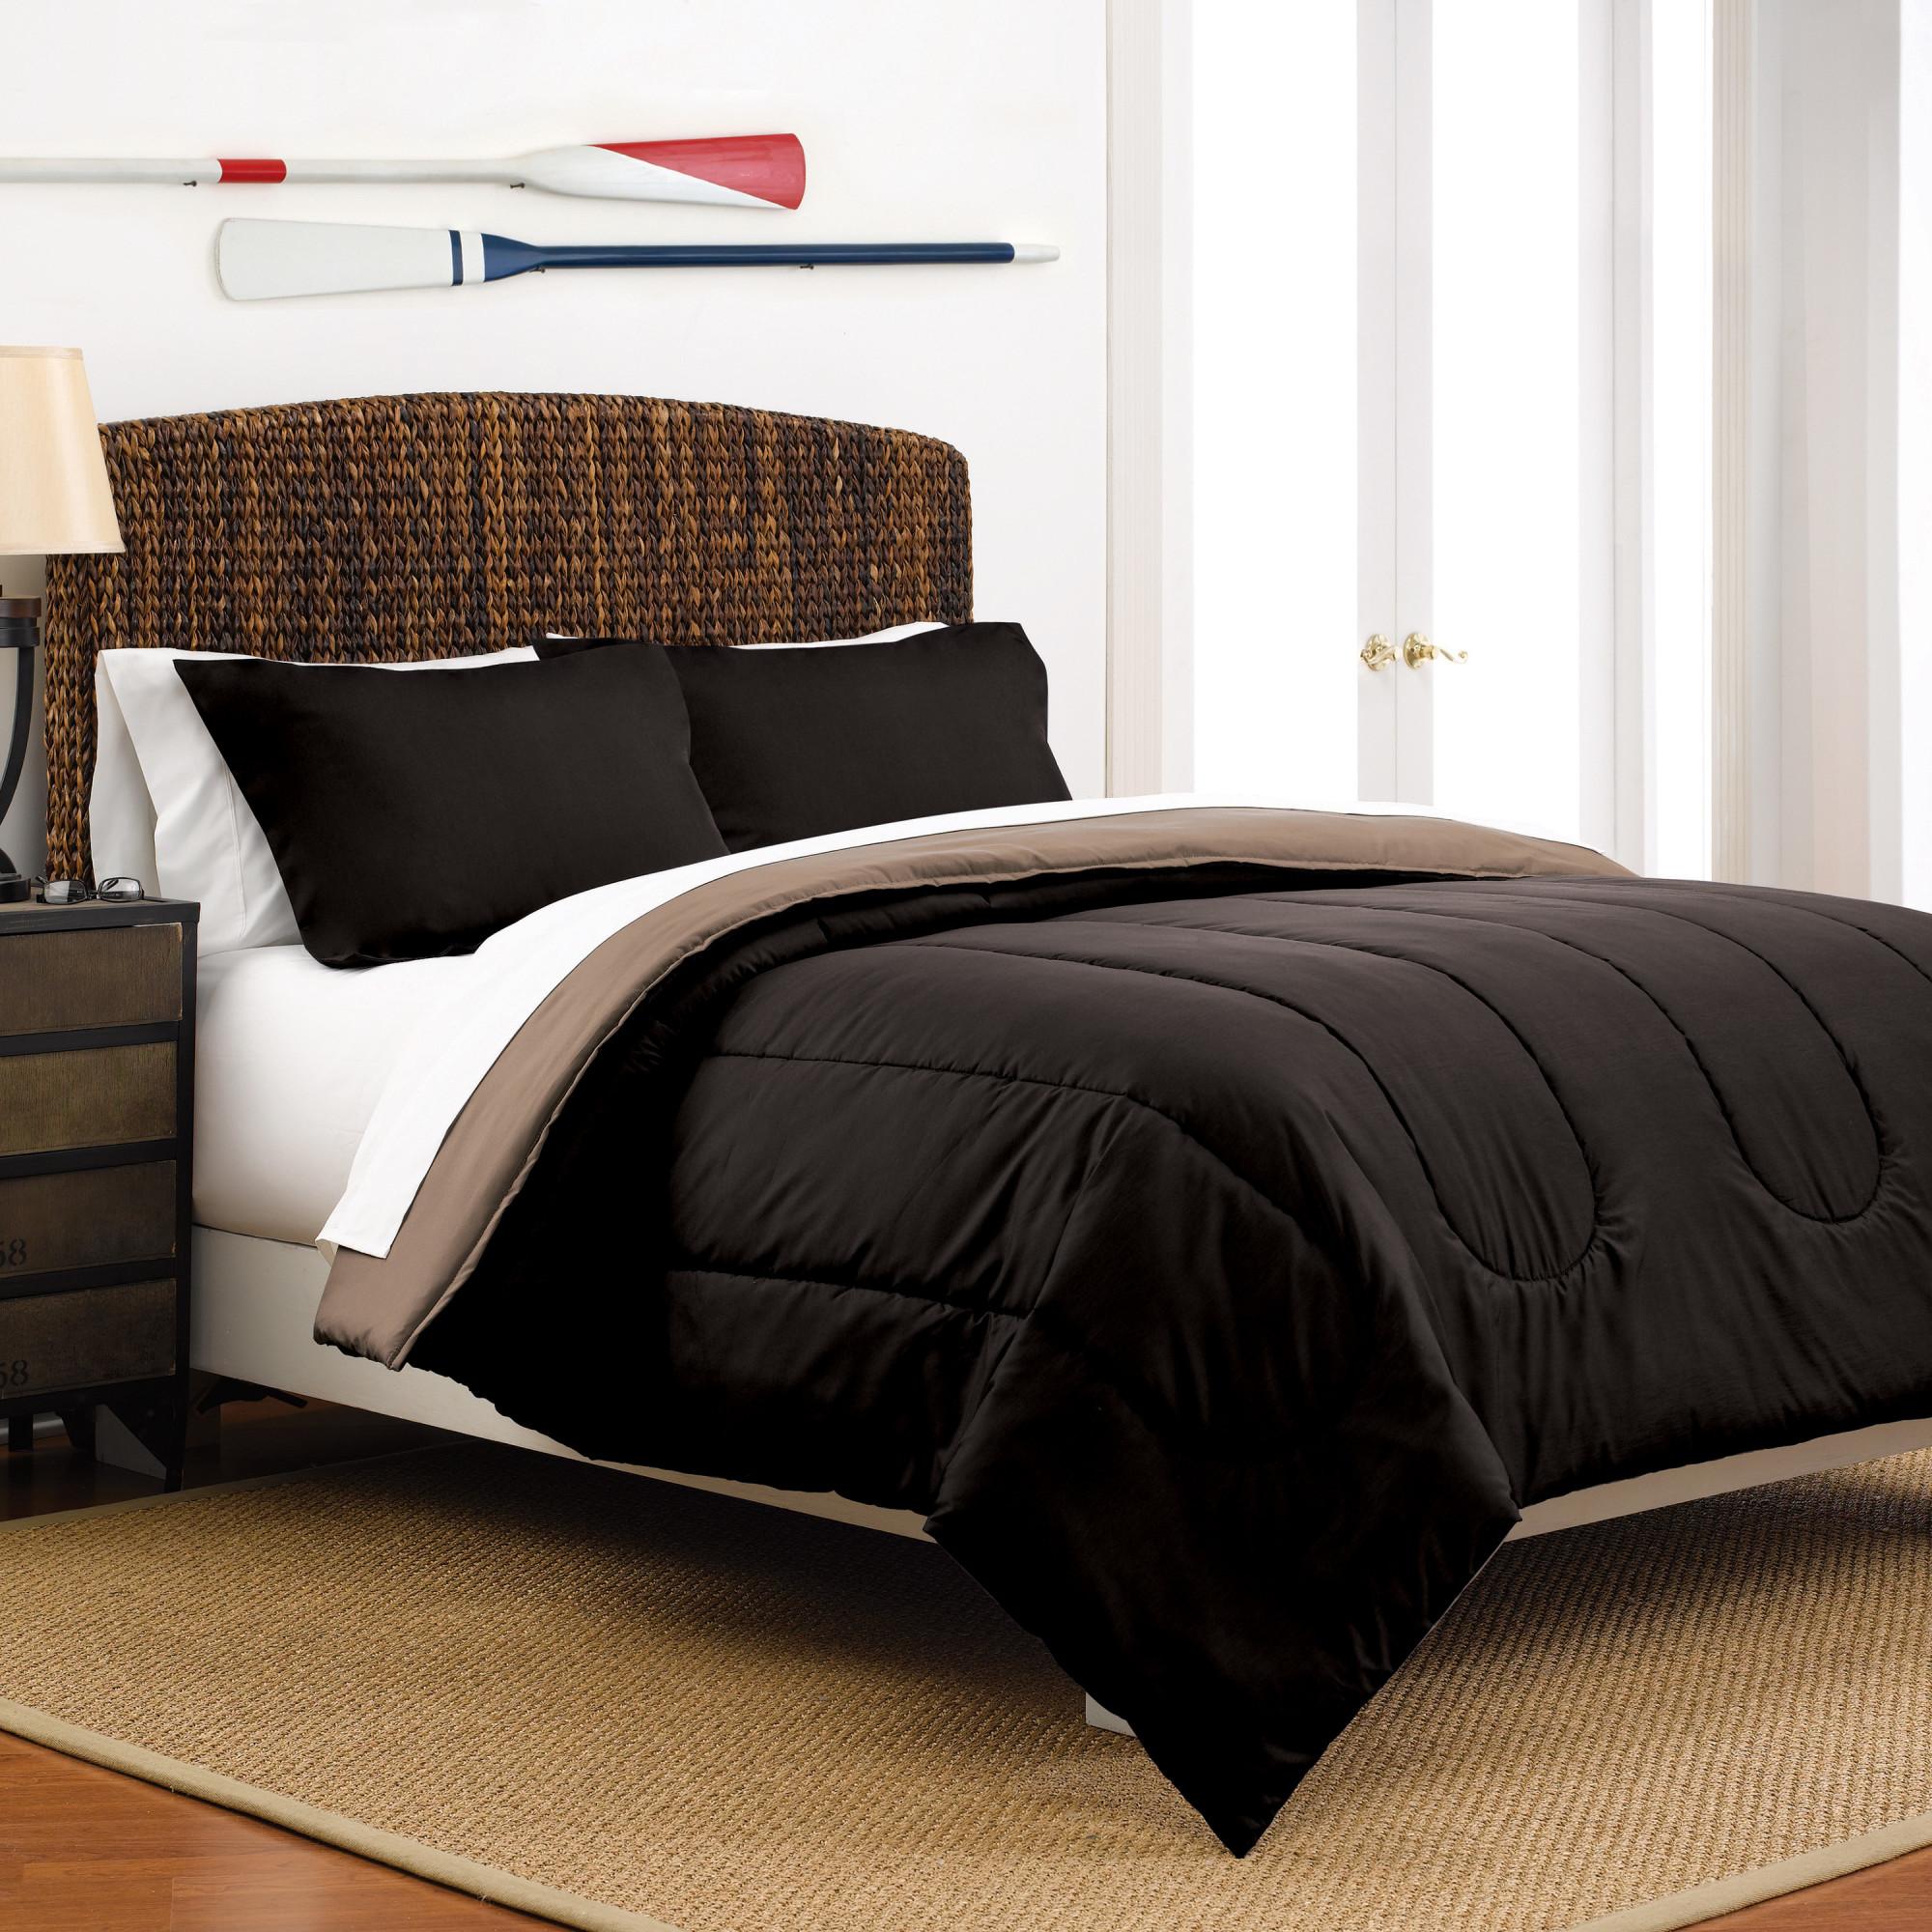 Reversible Full/Queen Light Grey/Navy Comforter Set